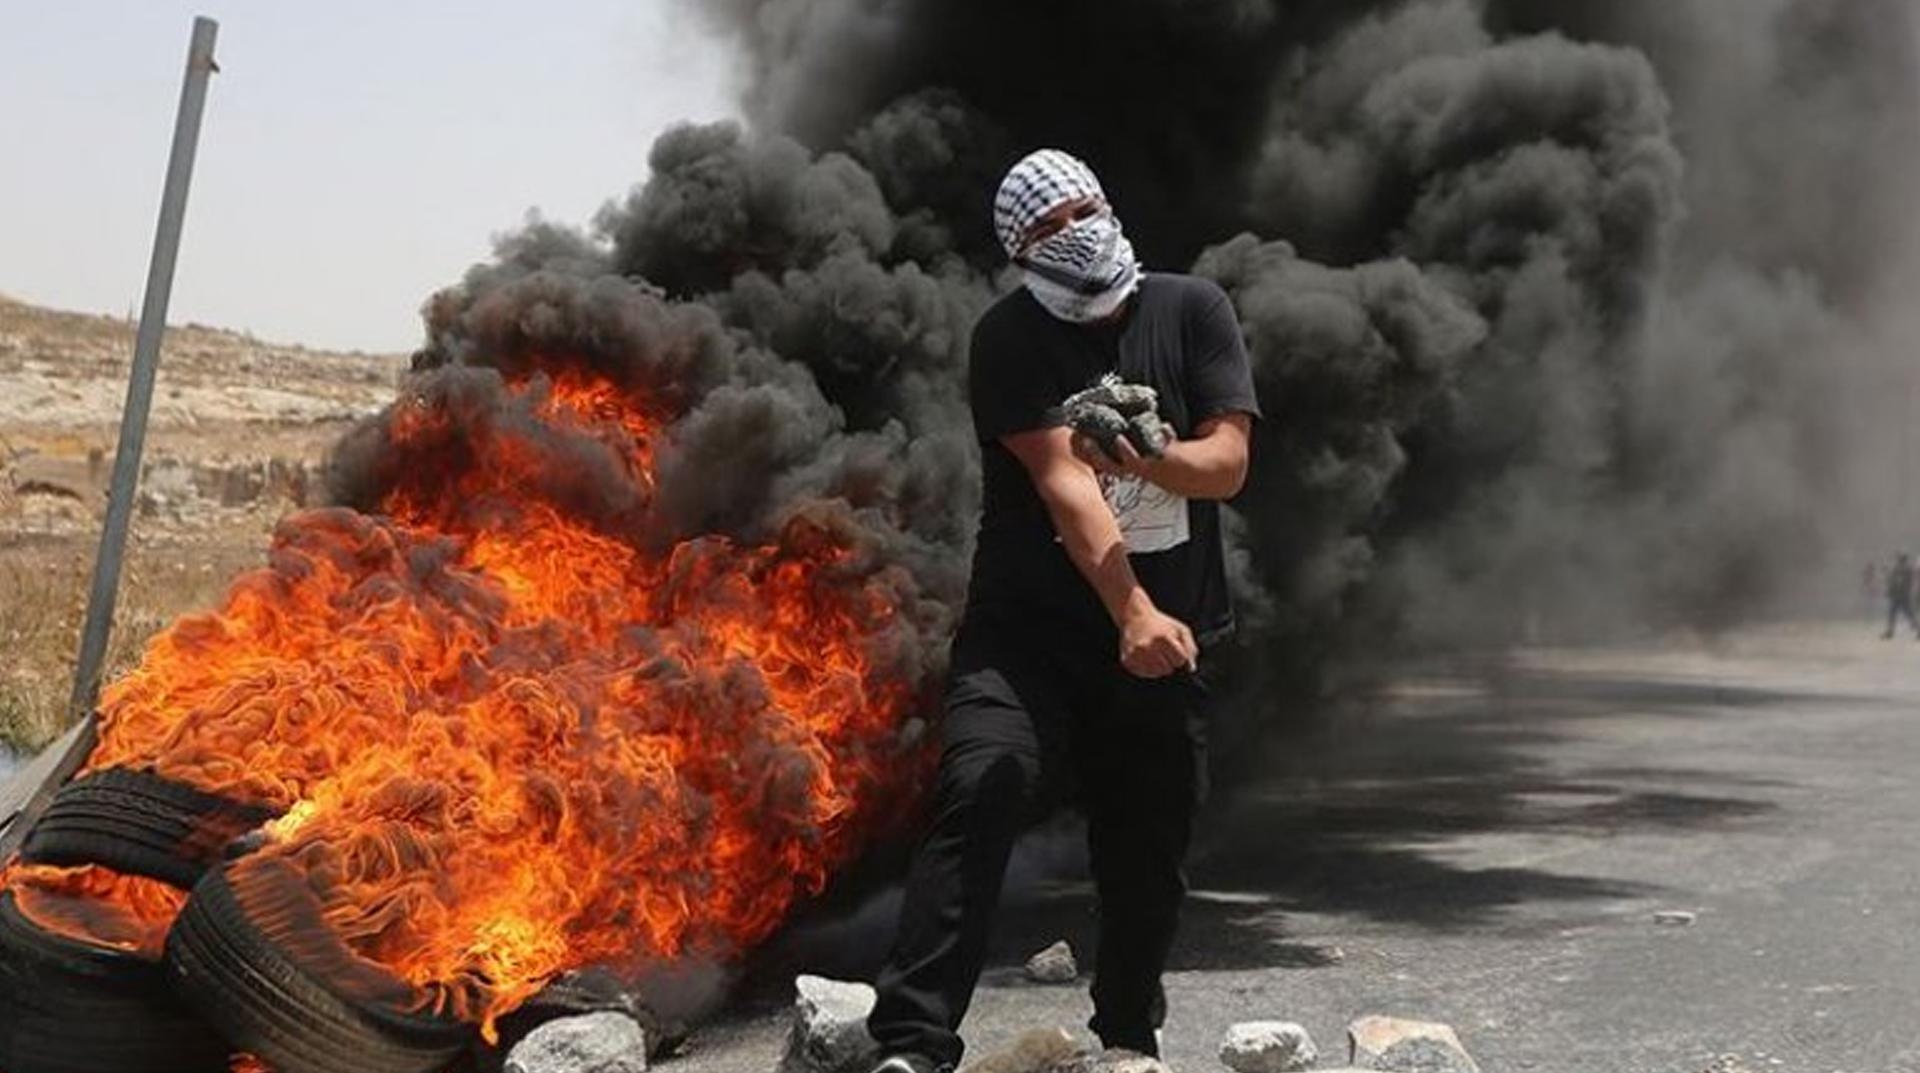 İşgal Güçleri Filistinli Öğrencilere Saldırdı